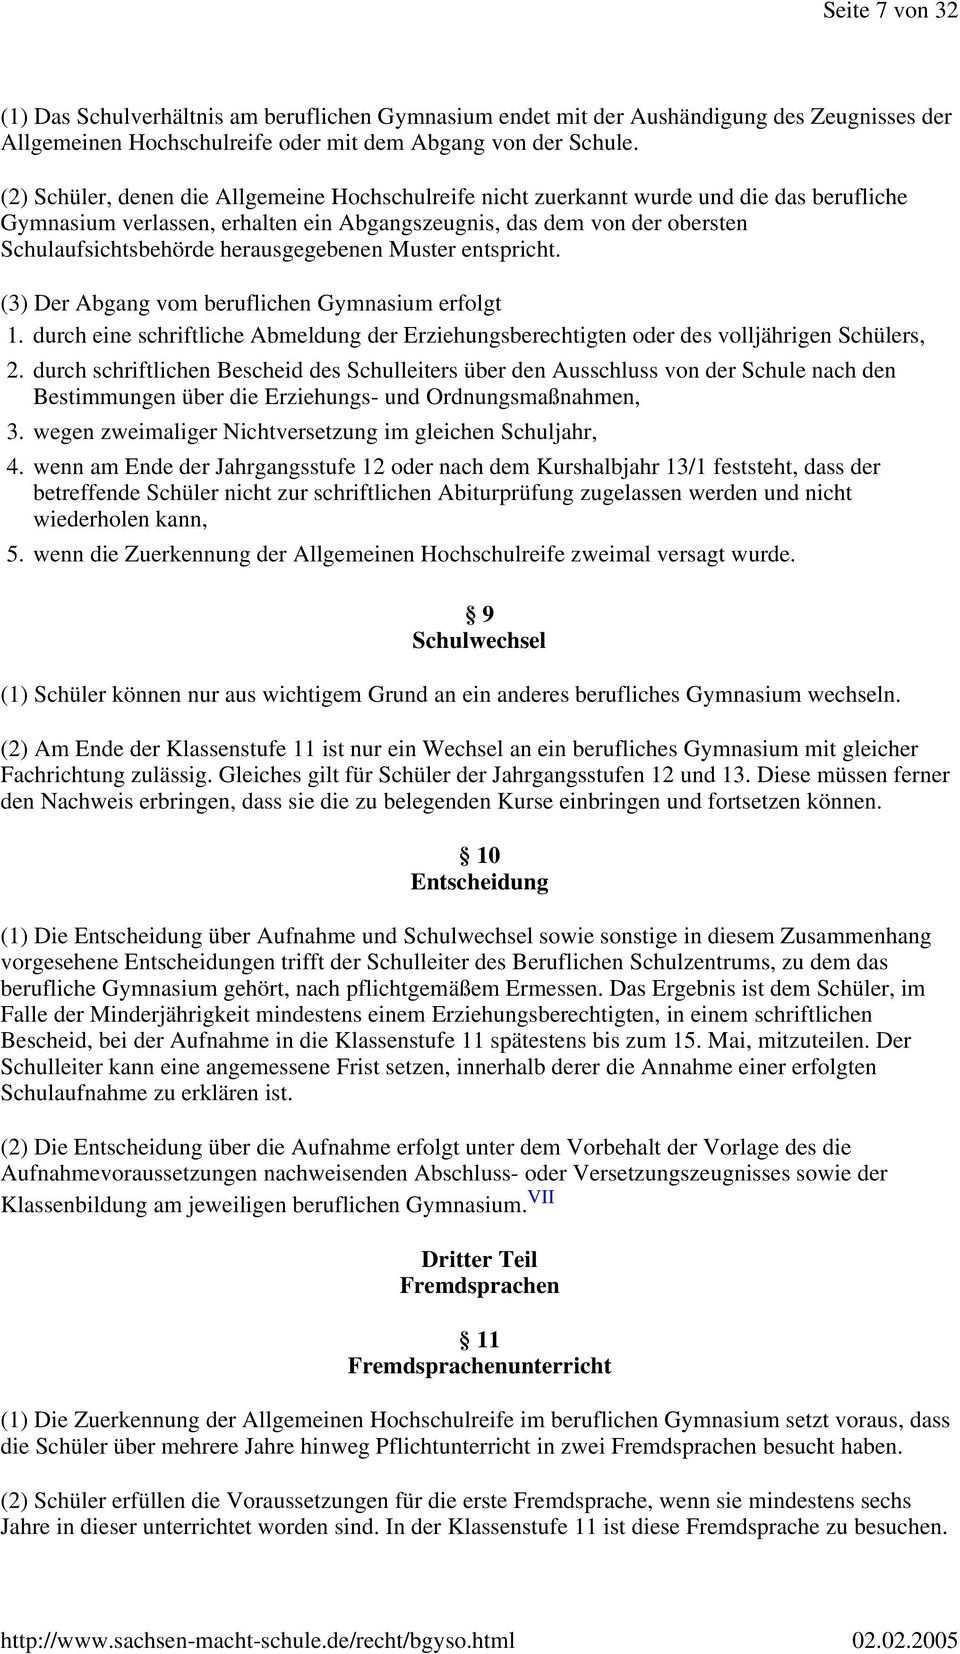 Abmeldung Schule Volljahrig Muster Von Der Schule Abmelden Und Bin Volljahrig Gymnasium Abmeldung 2020 01 31